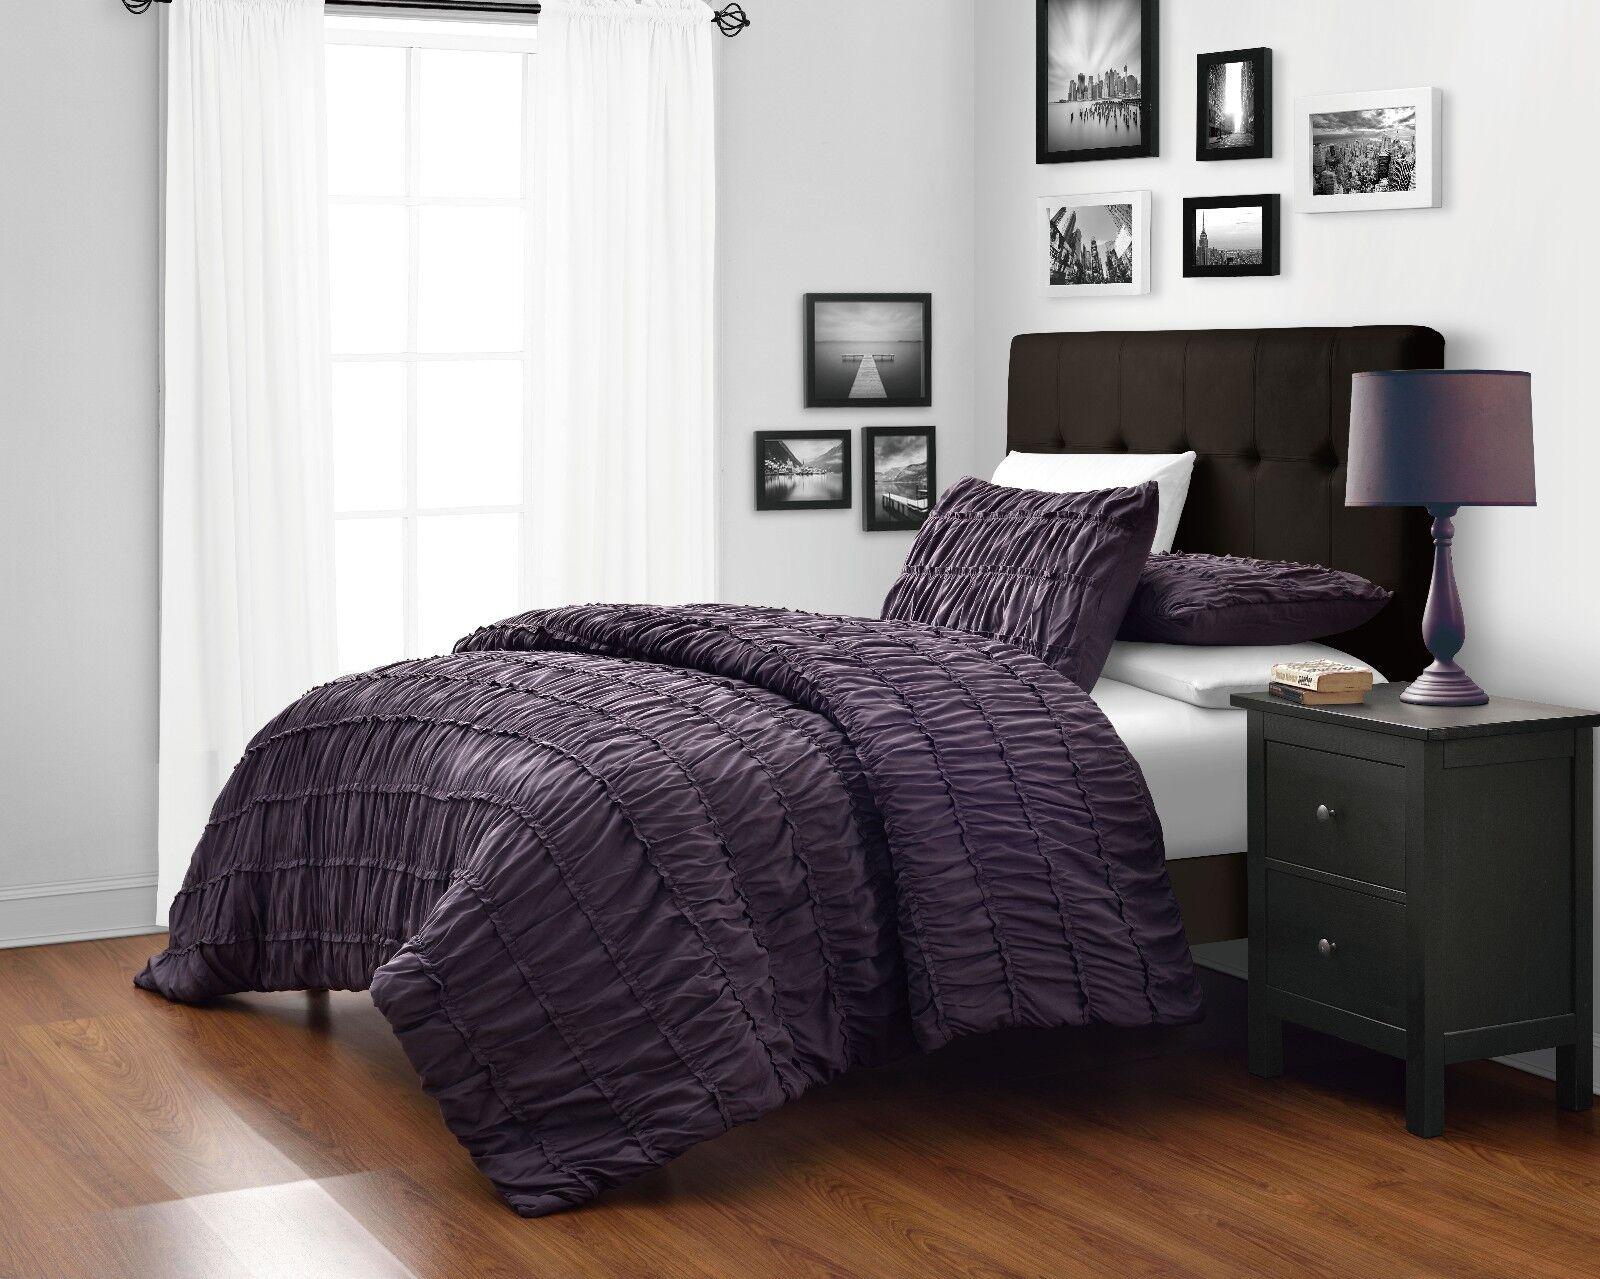 King Size Bedroom Comforter Sets purple king comforter sets - luxurious 7-piece comforter set king